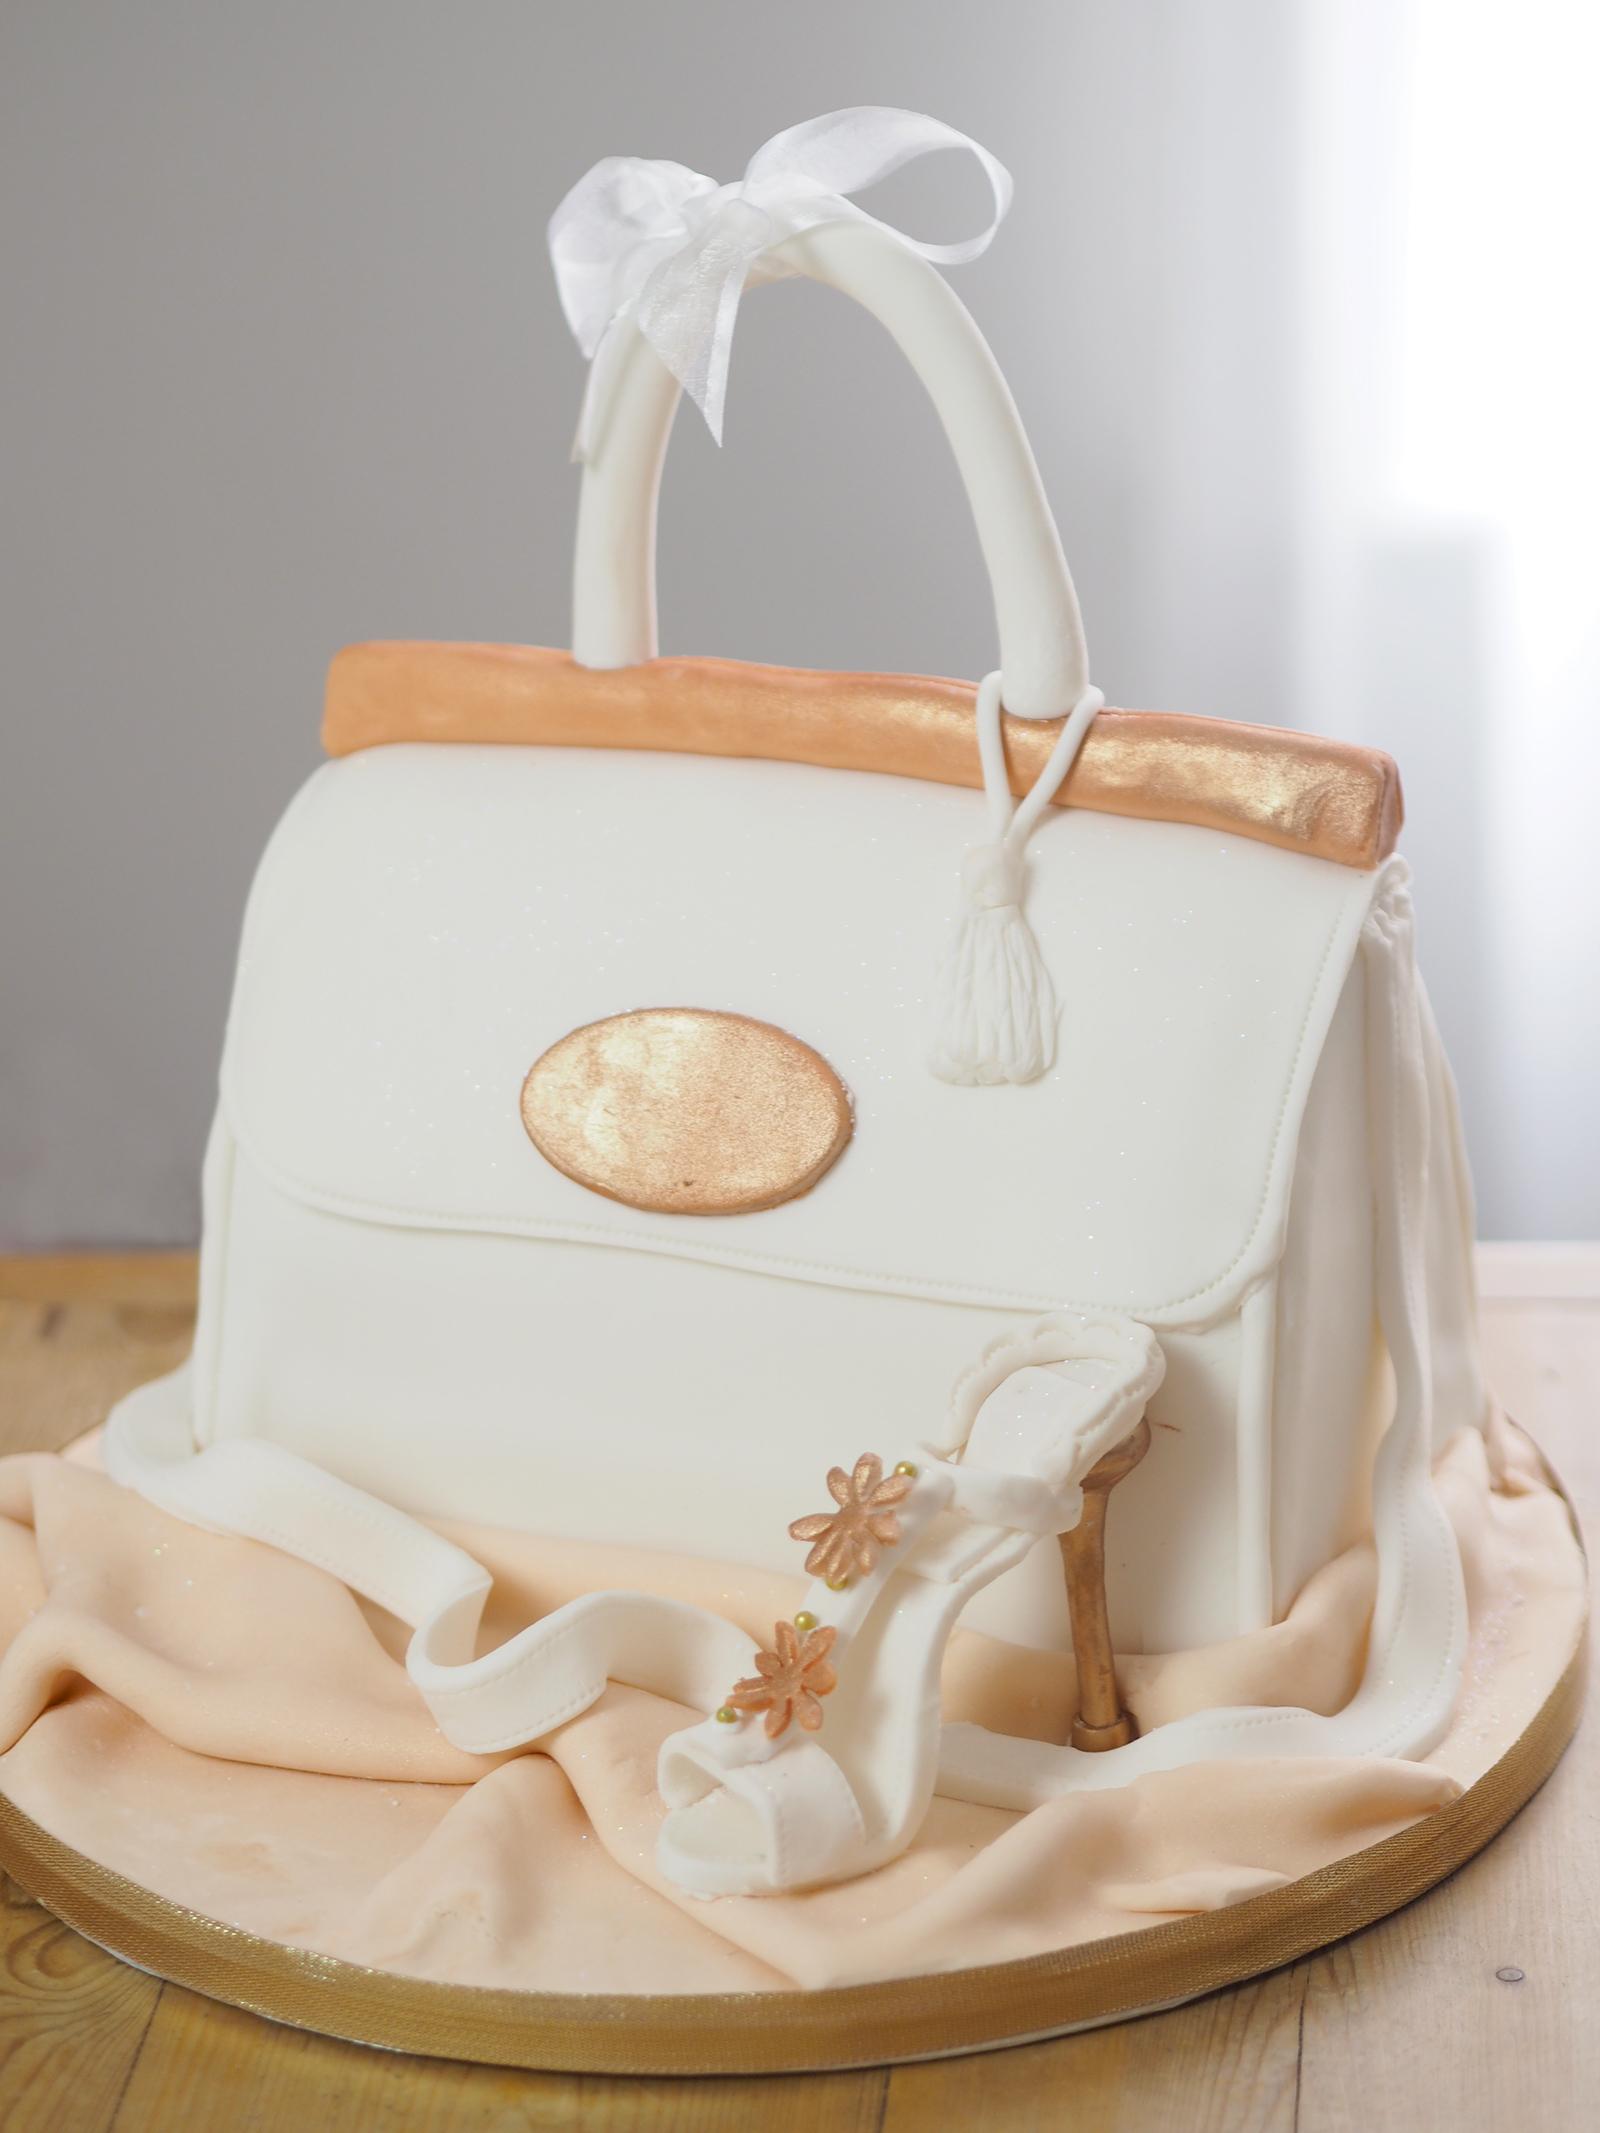 Celebration Cake by Parteaz